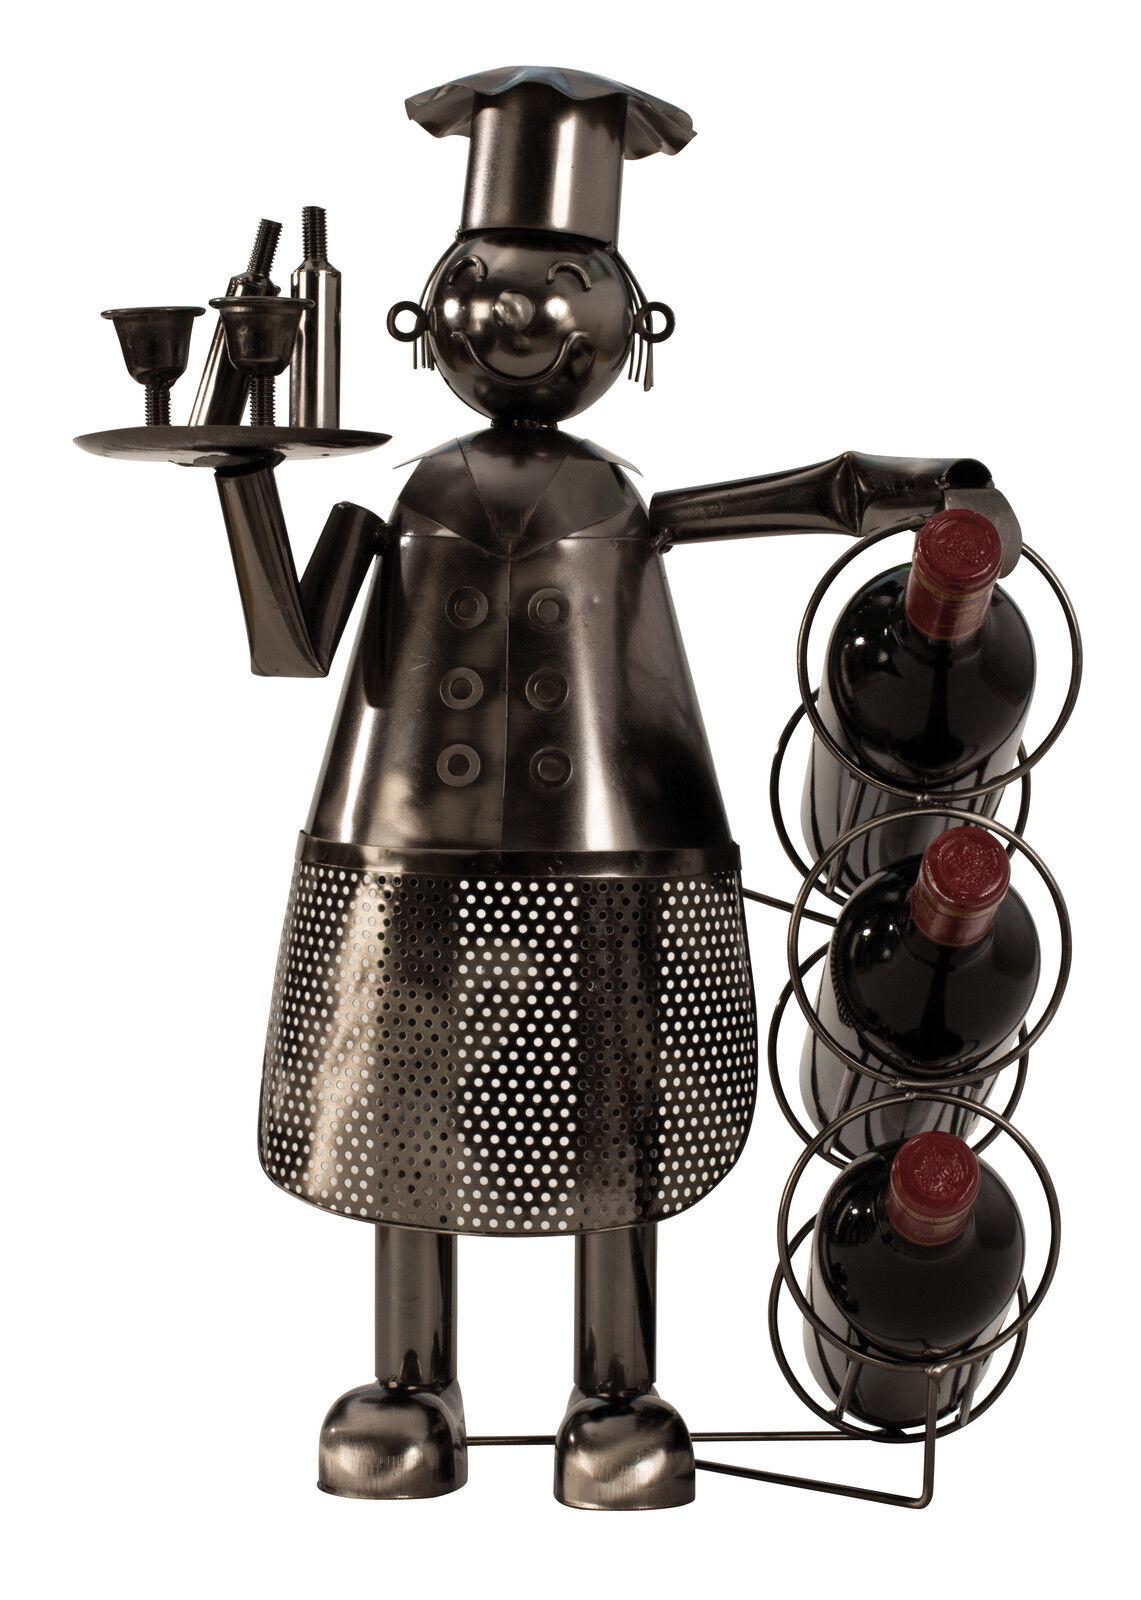 Esclusivo Portabottiglia Cuoco in Metallo Altezza 53cm Larghezza 36cm